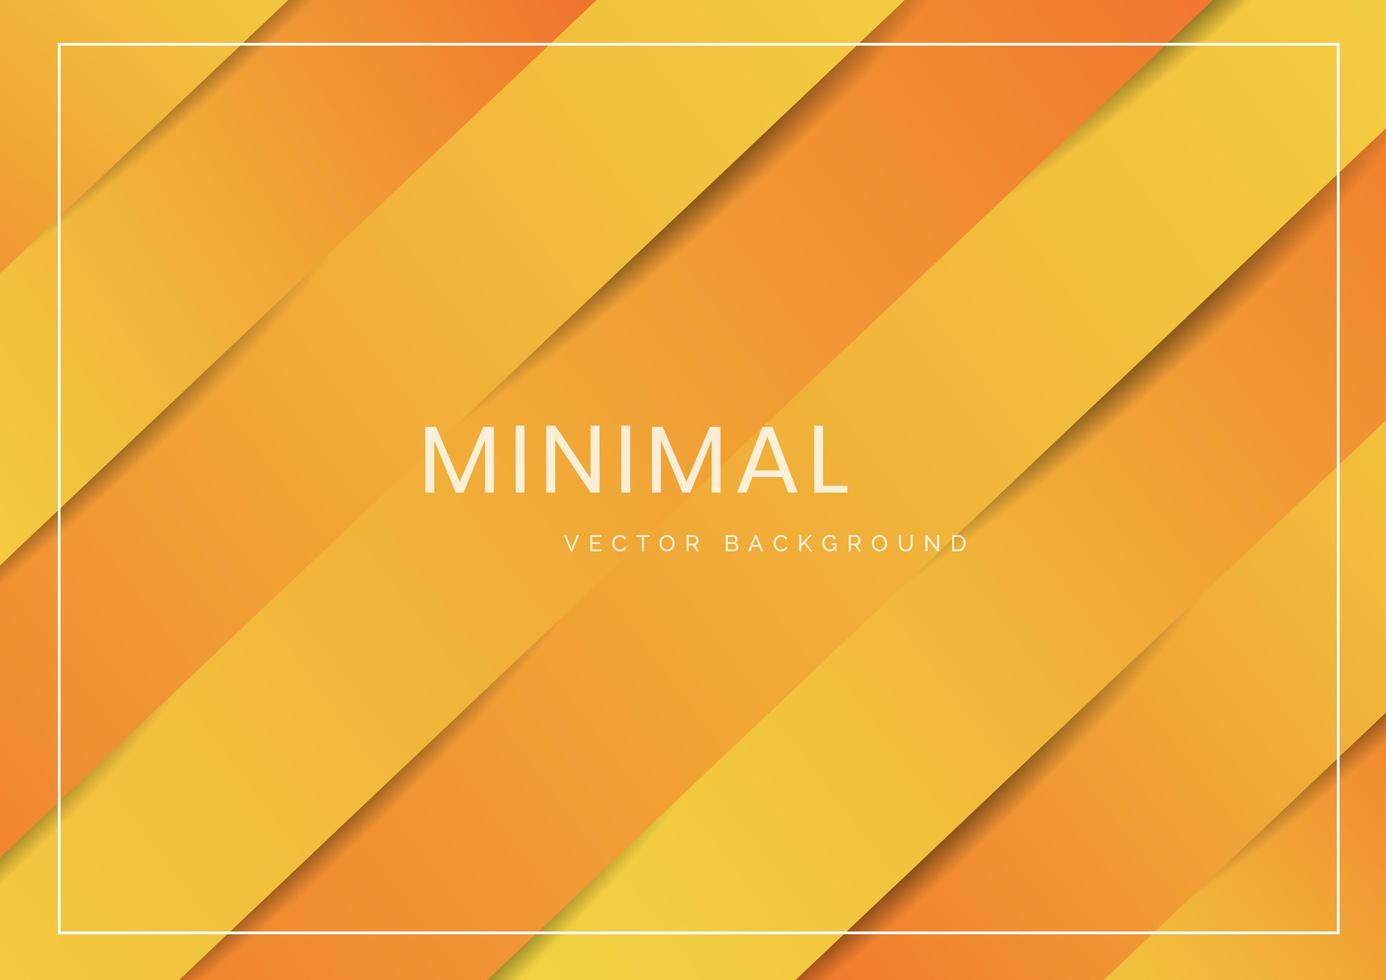 abstrakt, modern, diagonal gul och orange bakgrund vektor